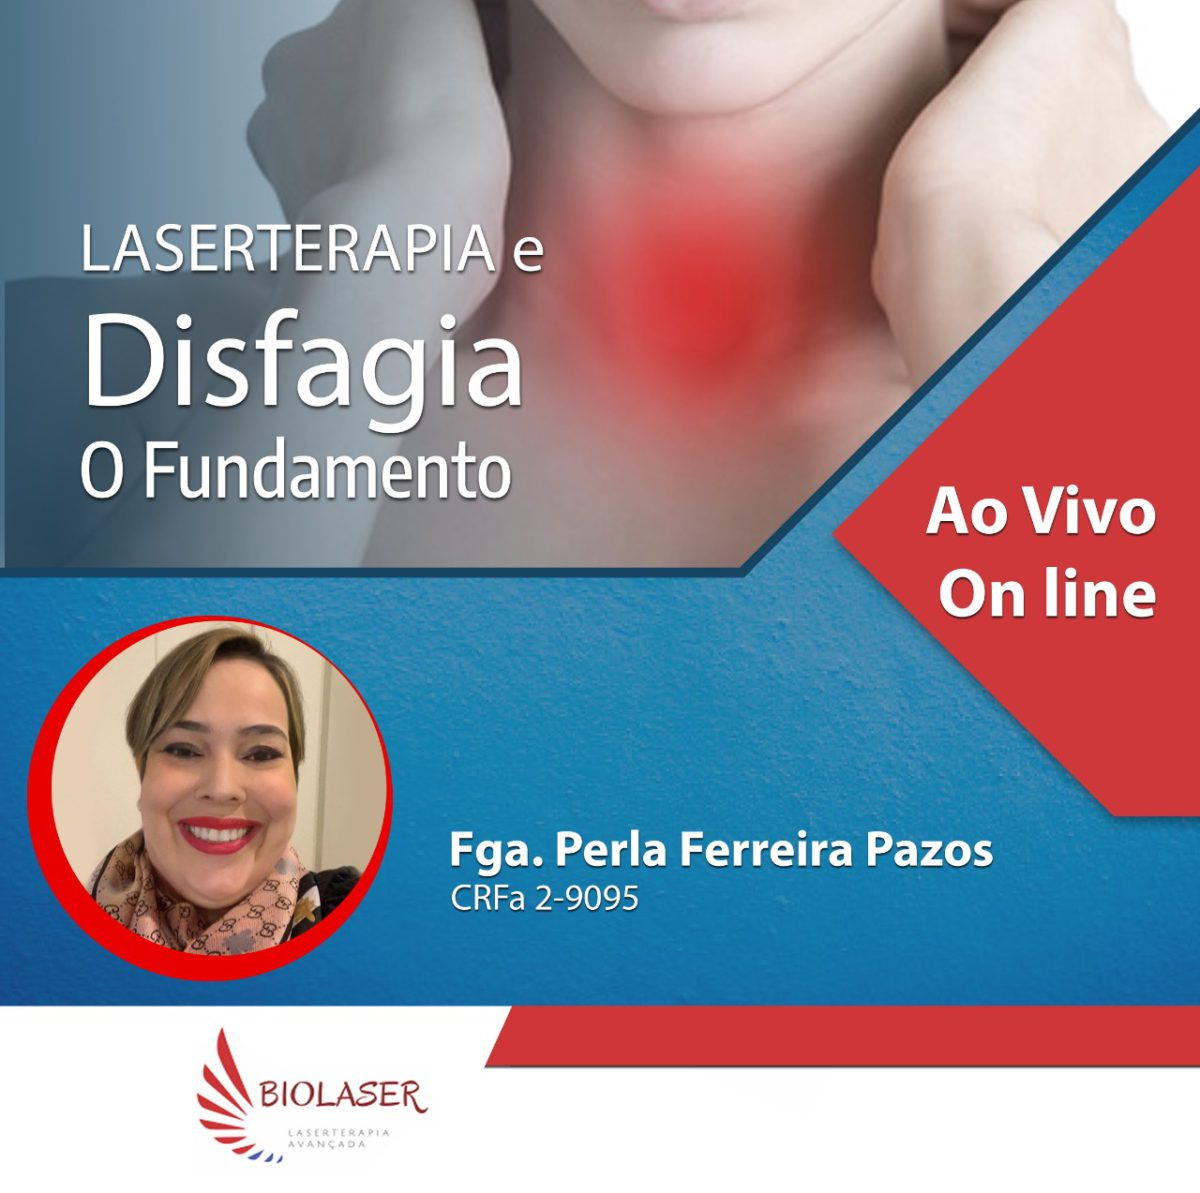 Laserterapia e Disfagia